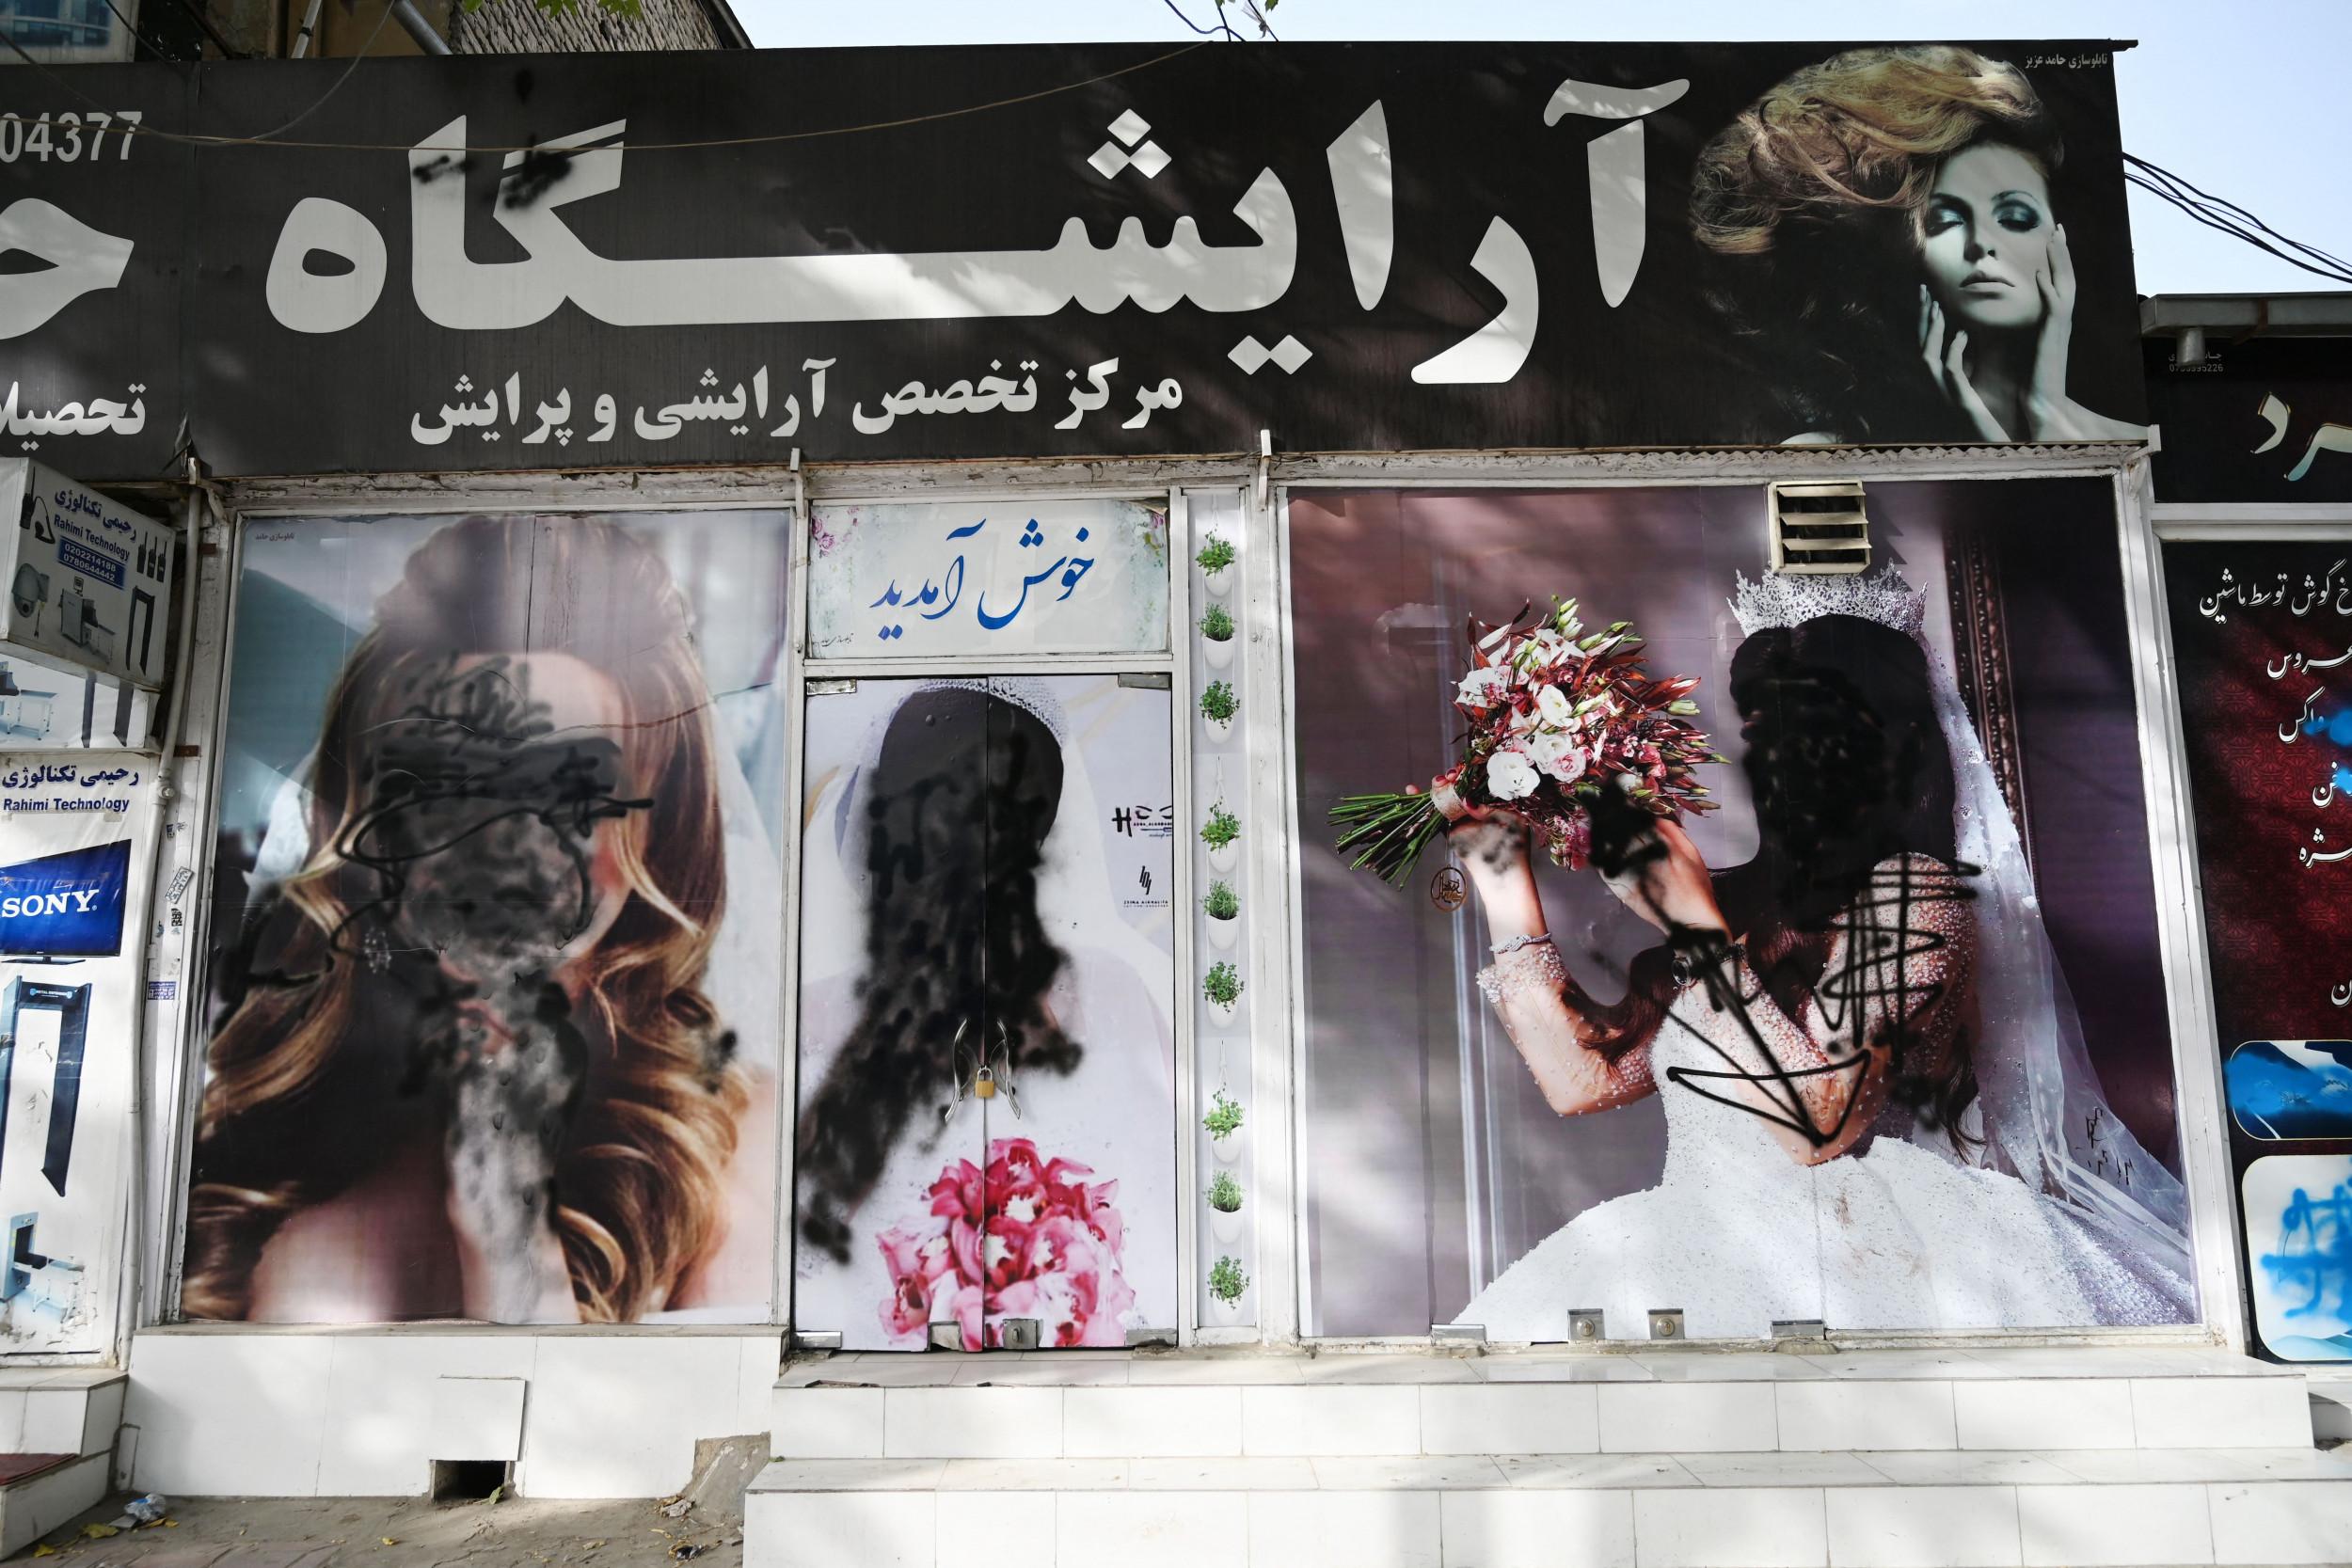 2 weeks of darkness in Afghanistan